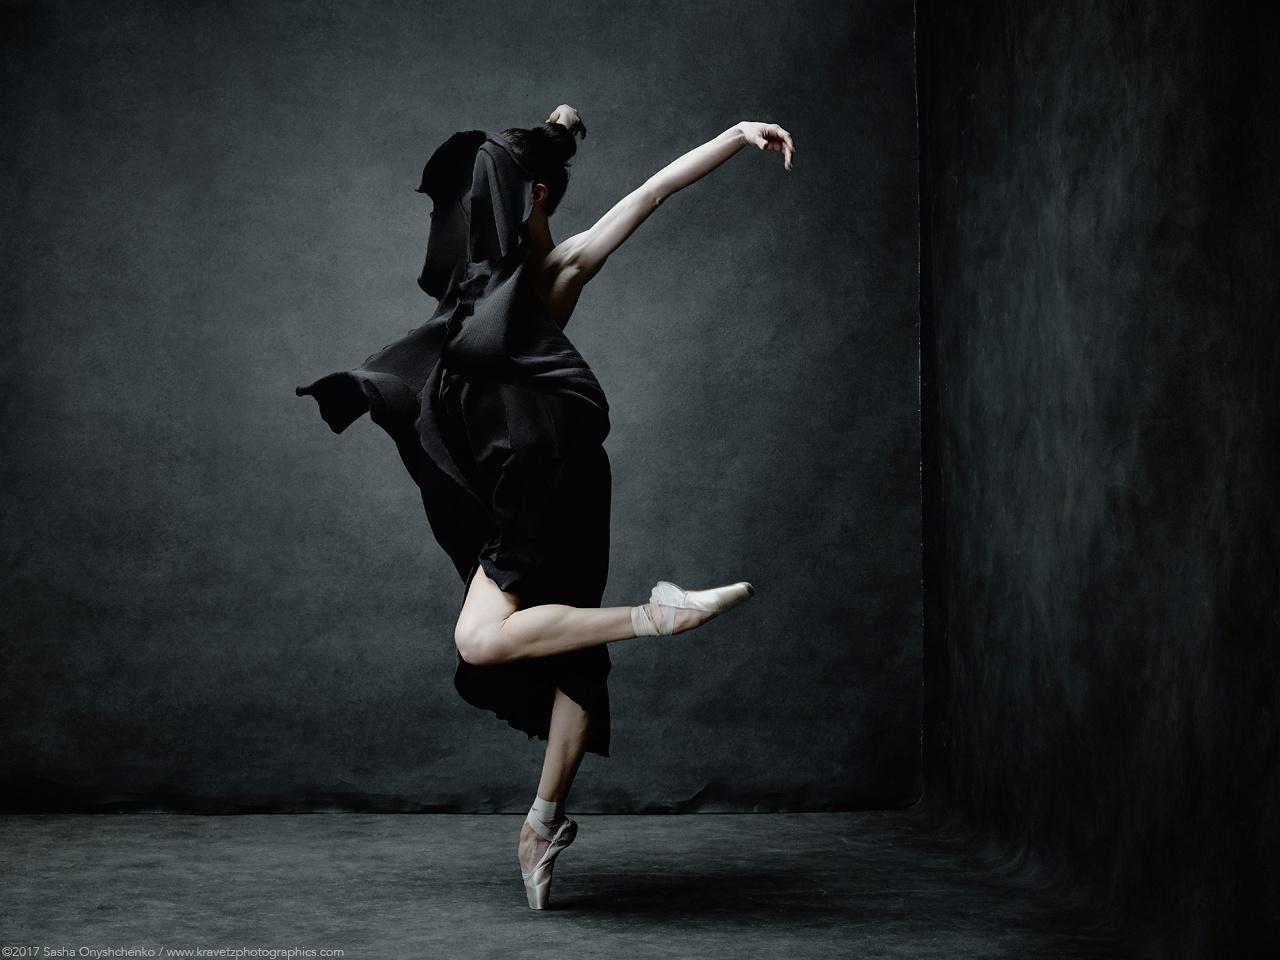 Black Veil by Sasha Onyshchenko